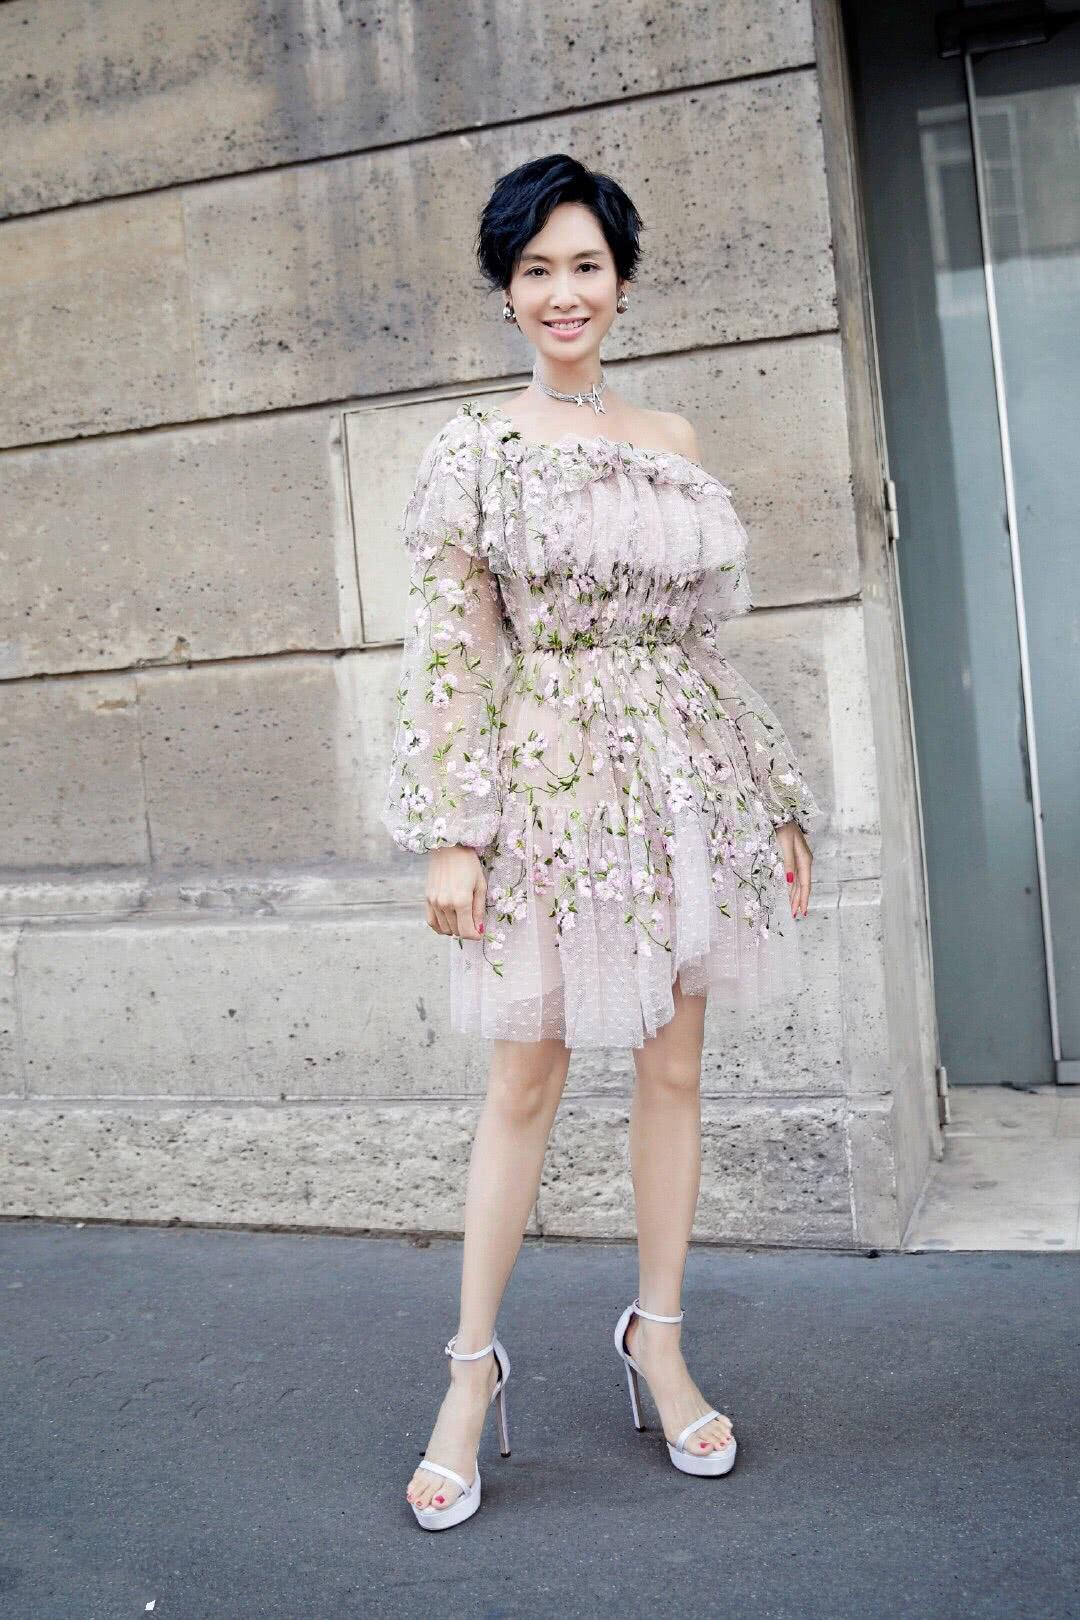 47岁朱茵现时装周,身穿裸粉色连衣裙搭配高跟鞋,满满仙女气质